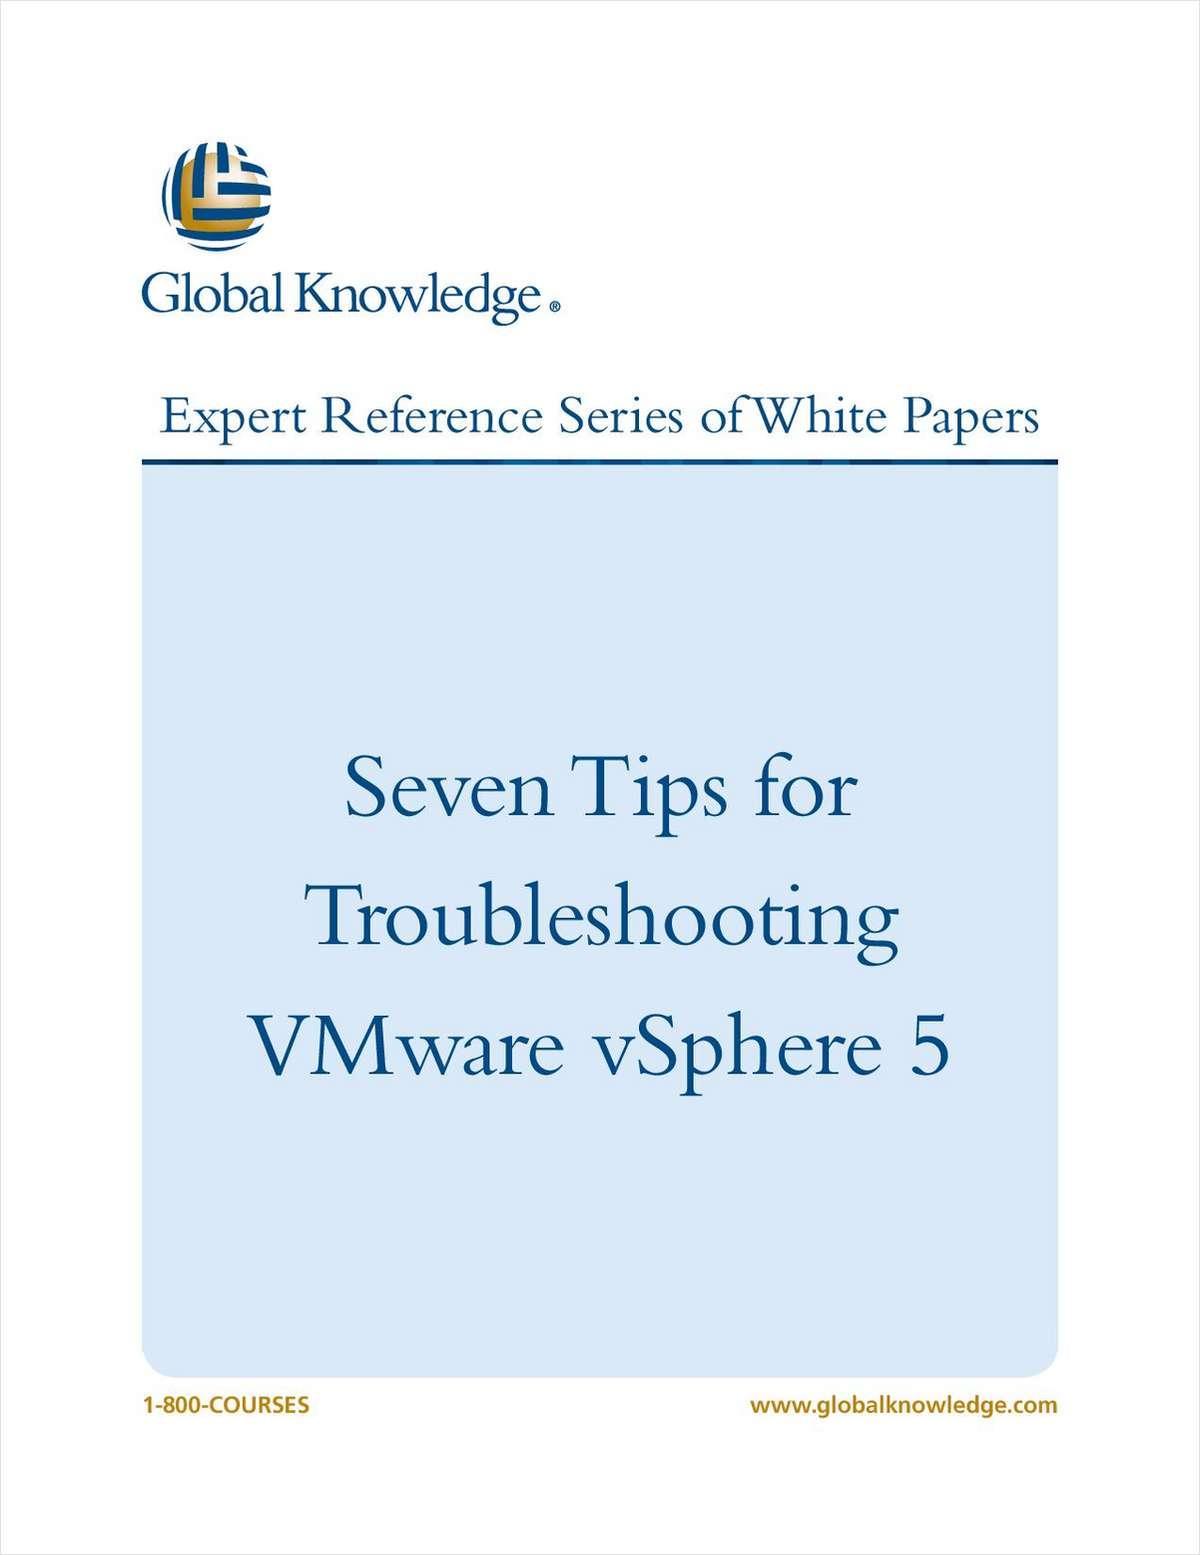 Seven Tips for Troubleshooting VMware vSphere 5